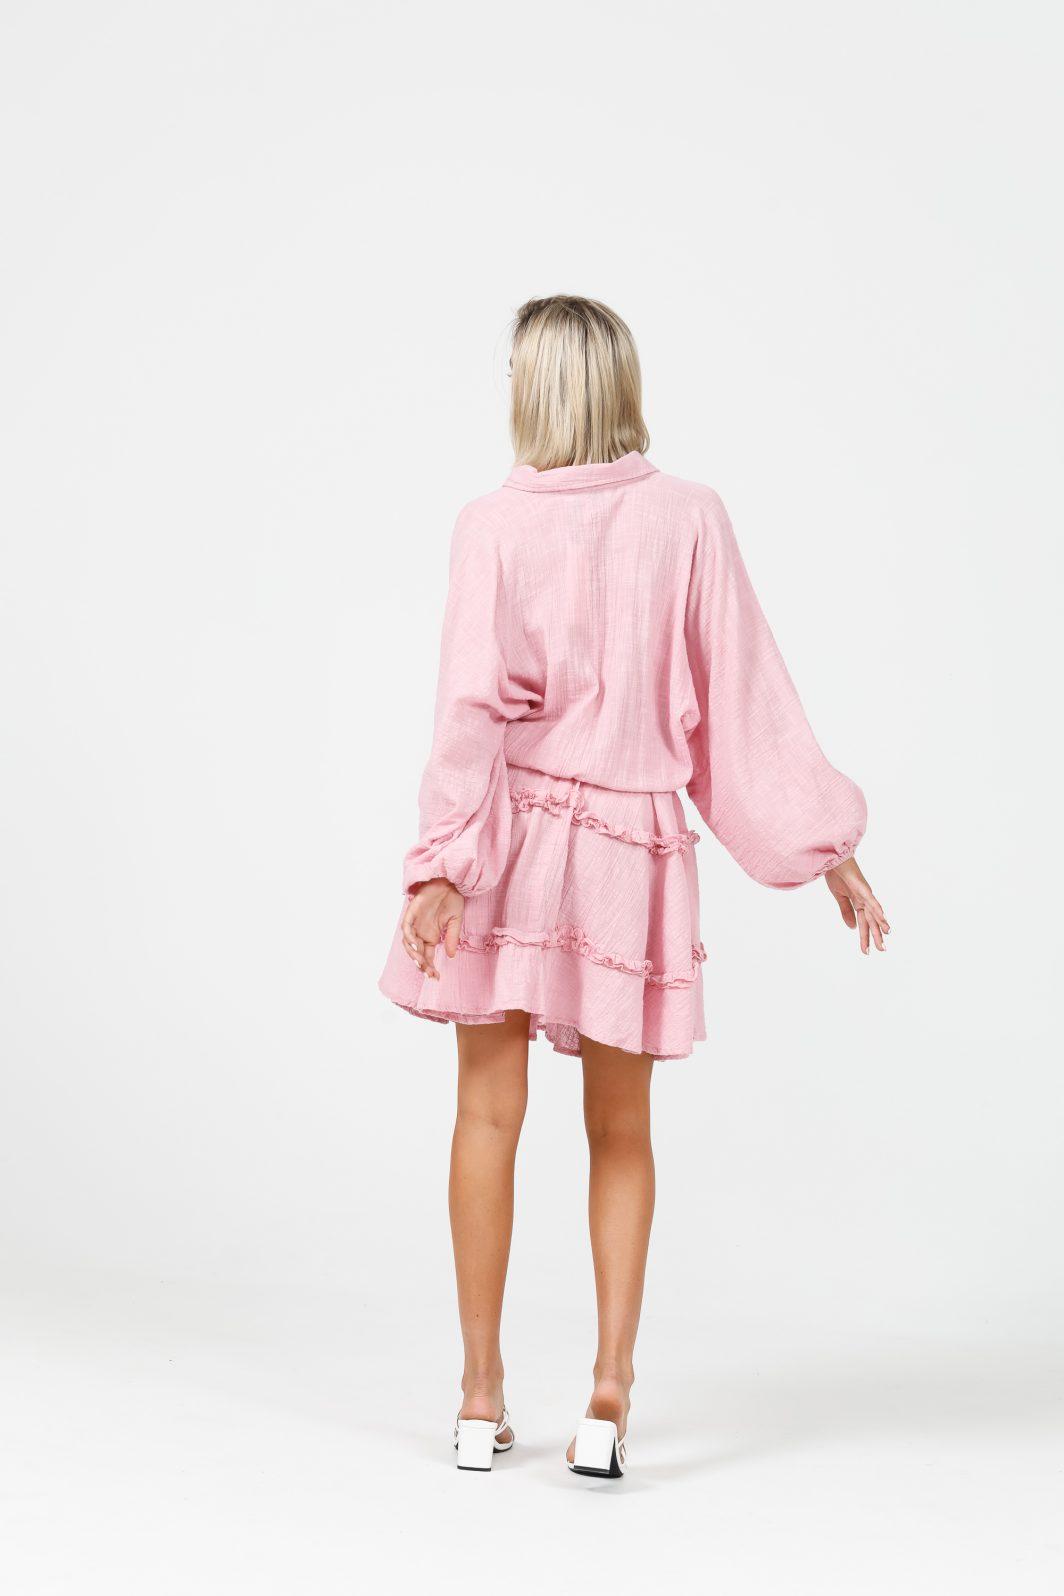 Daisy Says Penzance Dress Pink